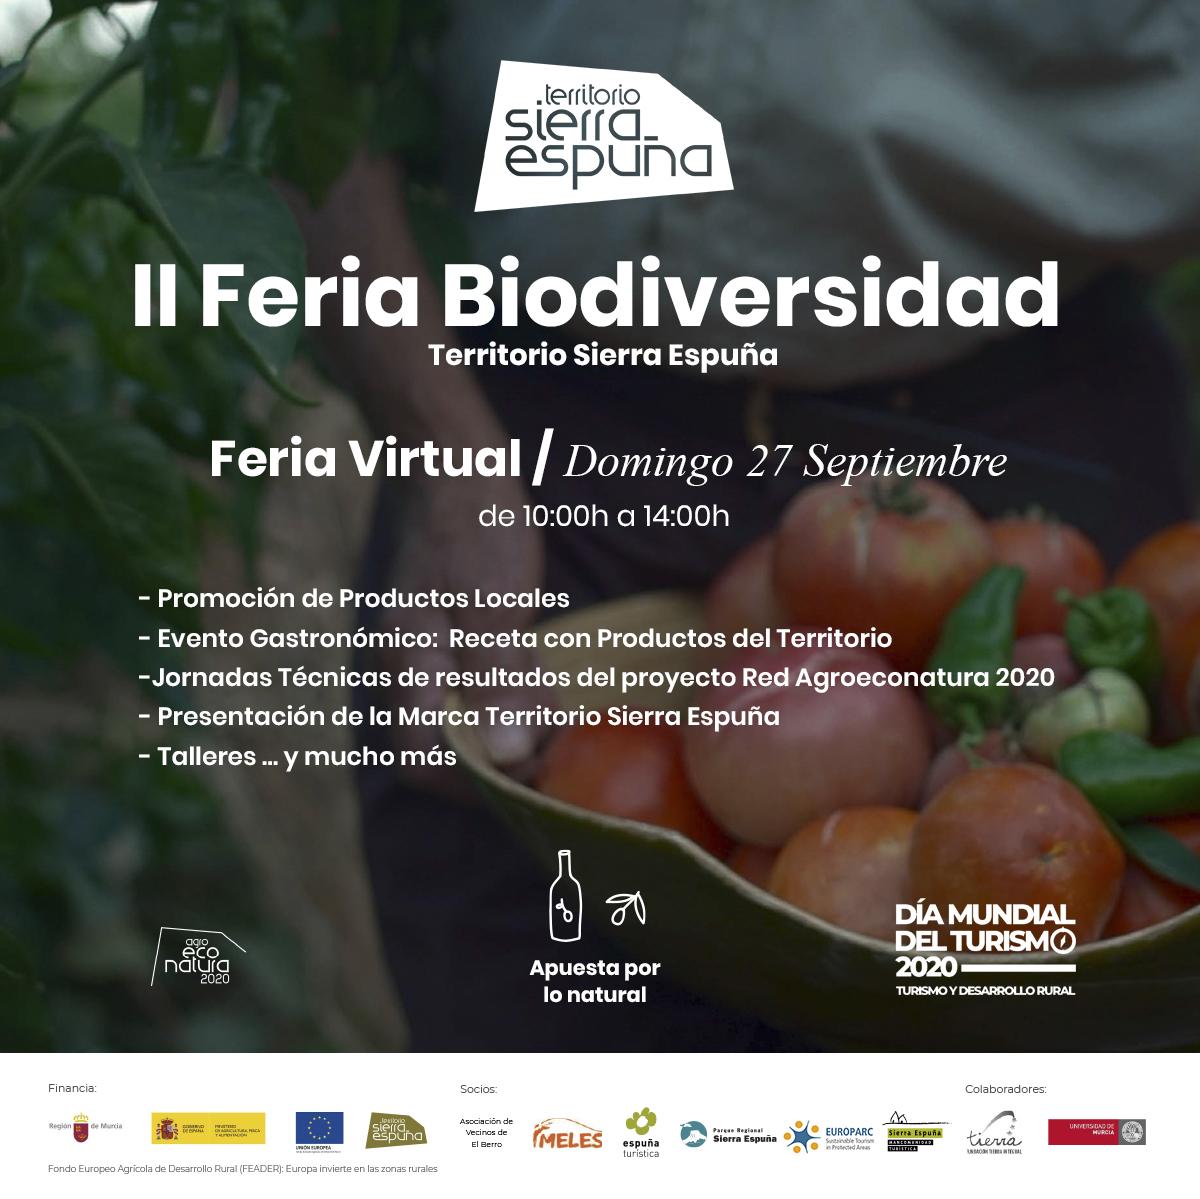 Feria de la Biodiversidad del Territorio Sierra Espuña